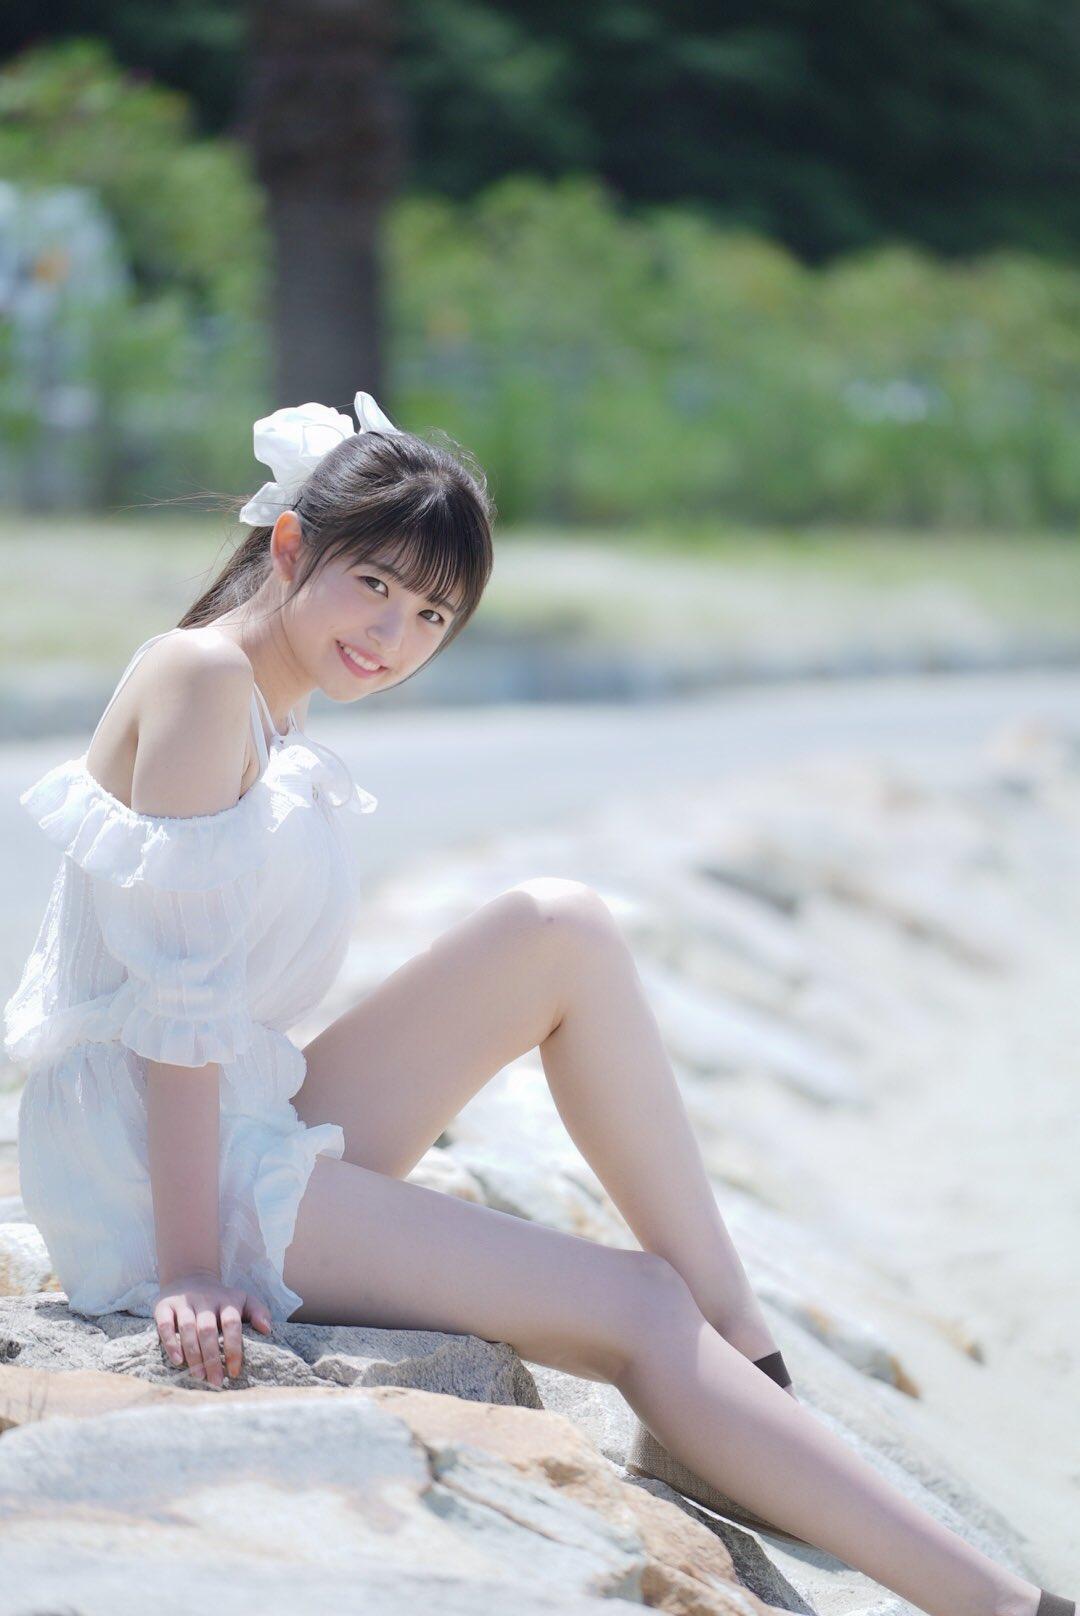 武田雛歩26